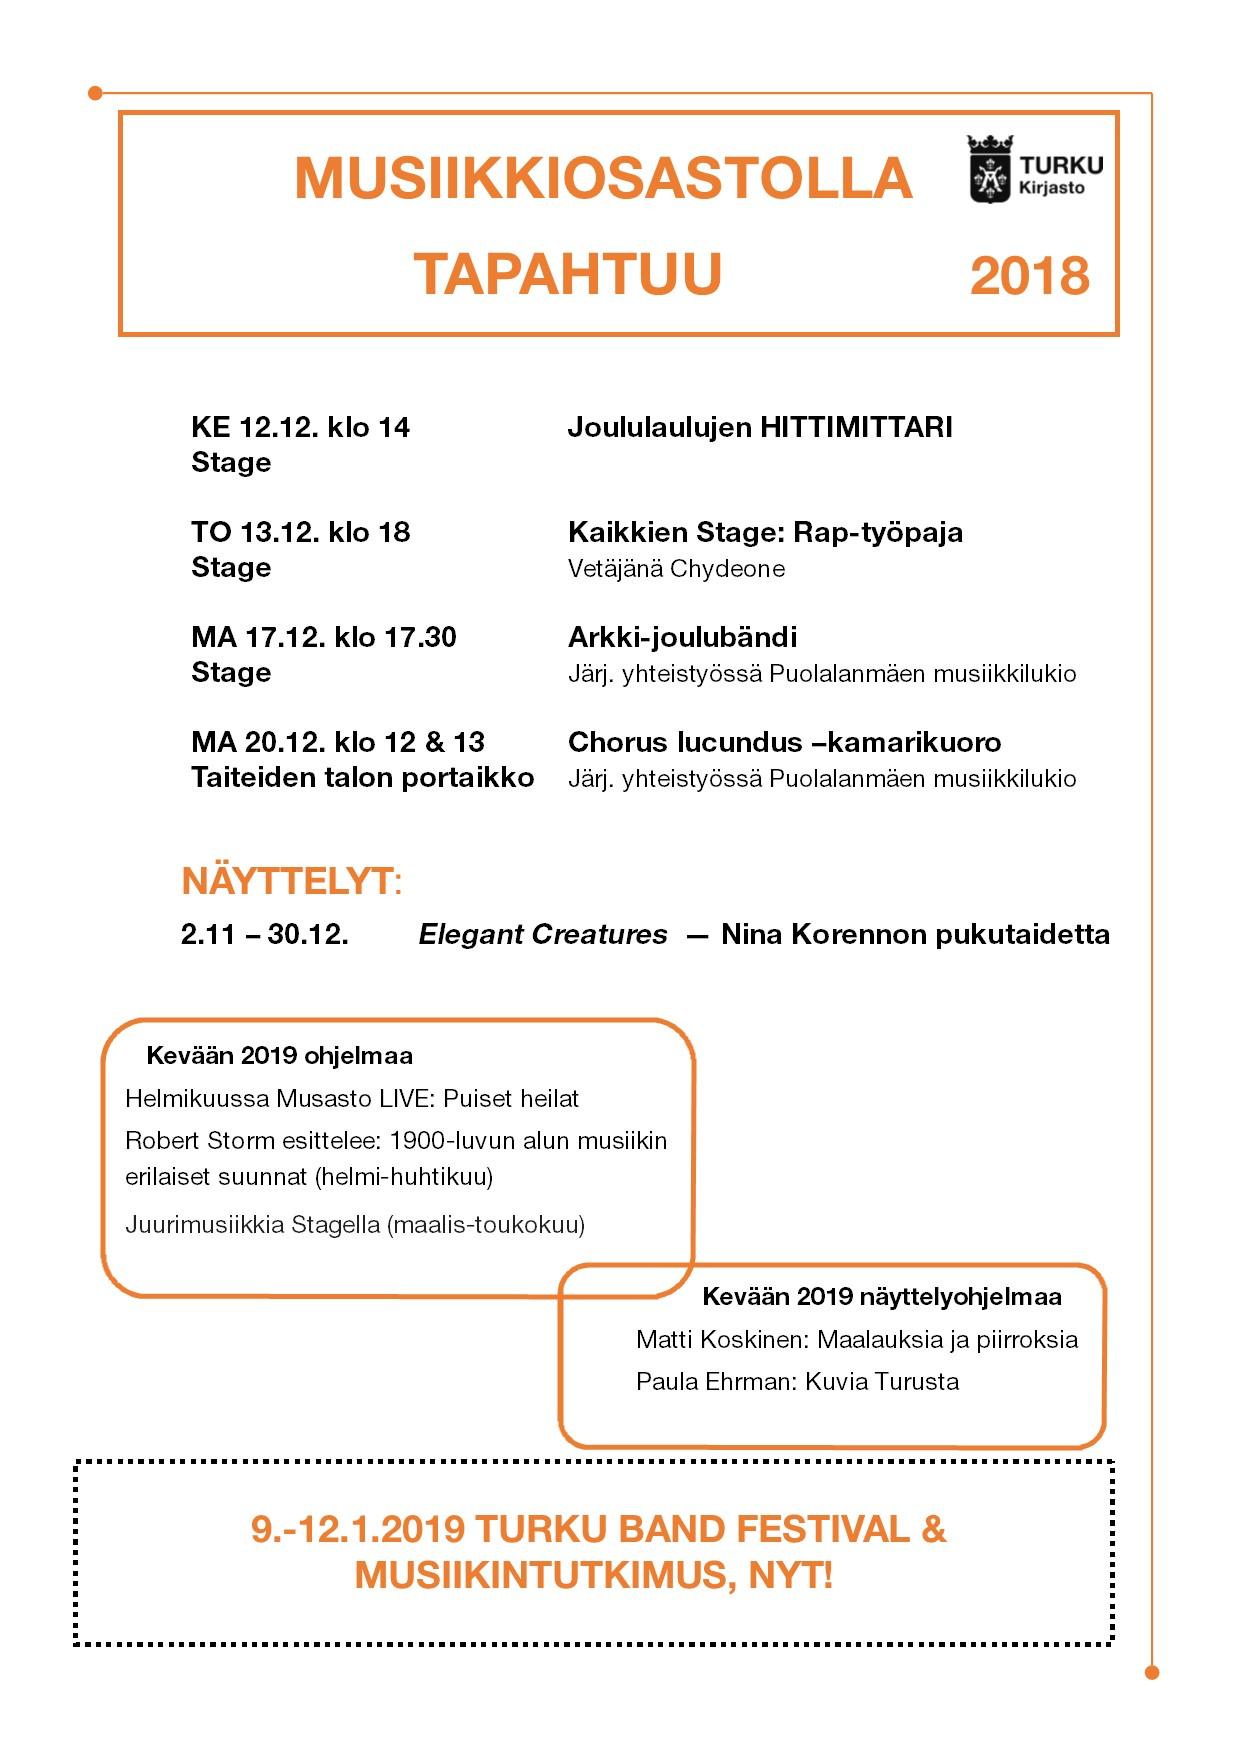 Turun musiikkikirjastossa tapahtuu joulukuussa 2018 vielä paljon.